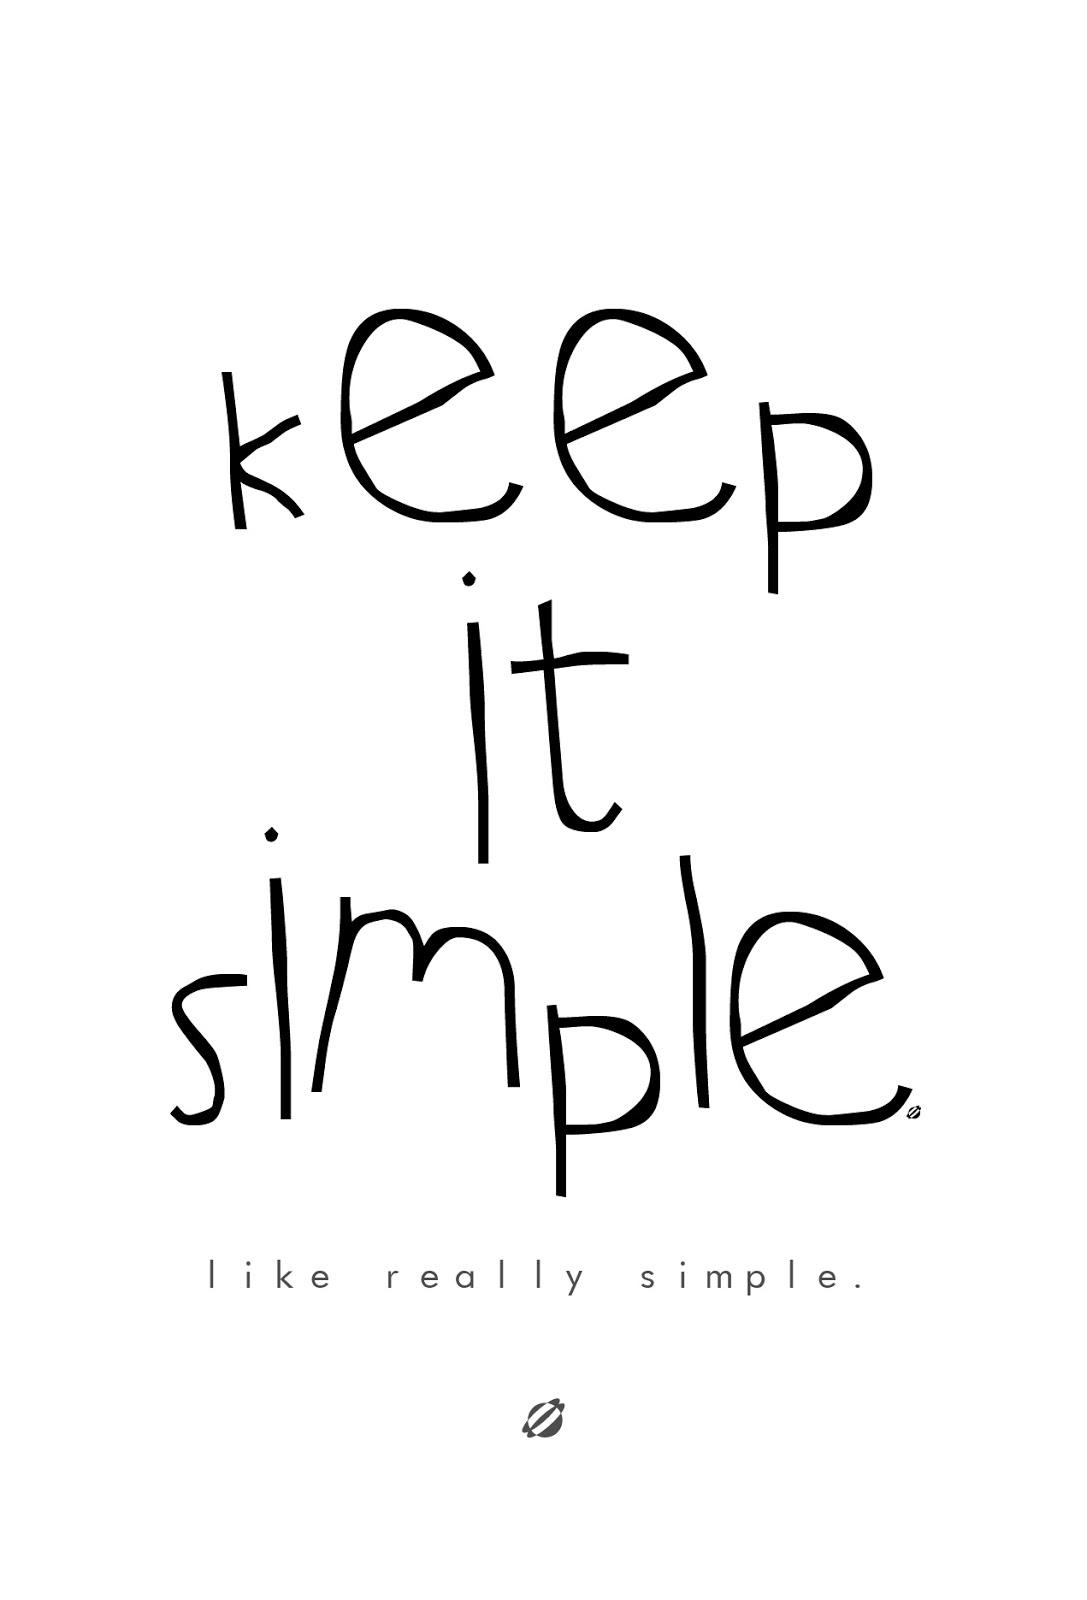 LostBumblebee ©2014 Keep it Simple Free Printable